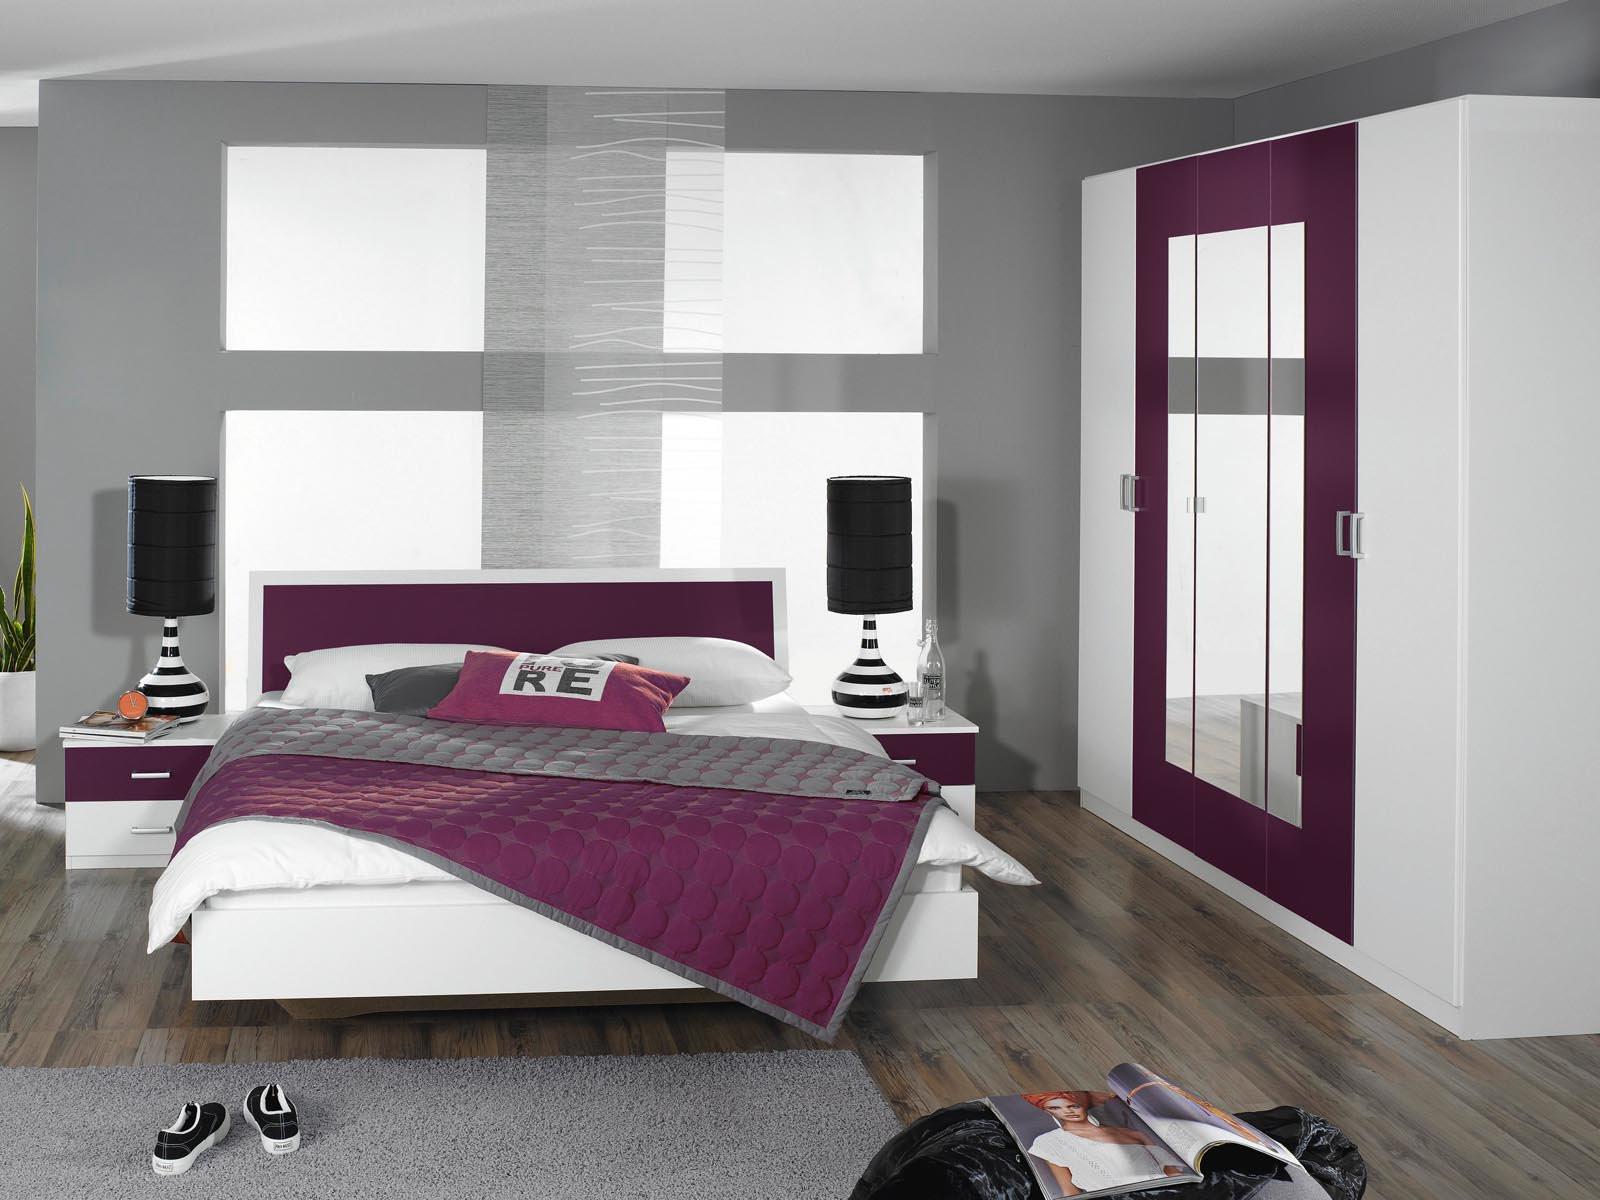 Chambre Violet Gris Luxe Photos Inspirer 40 De Chambre Grise Et Blanche Moderne Opinion